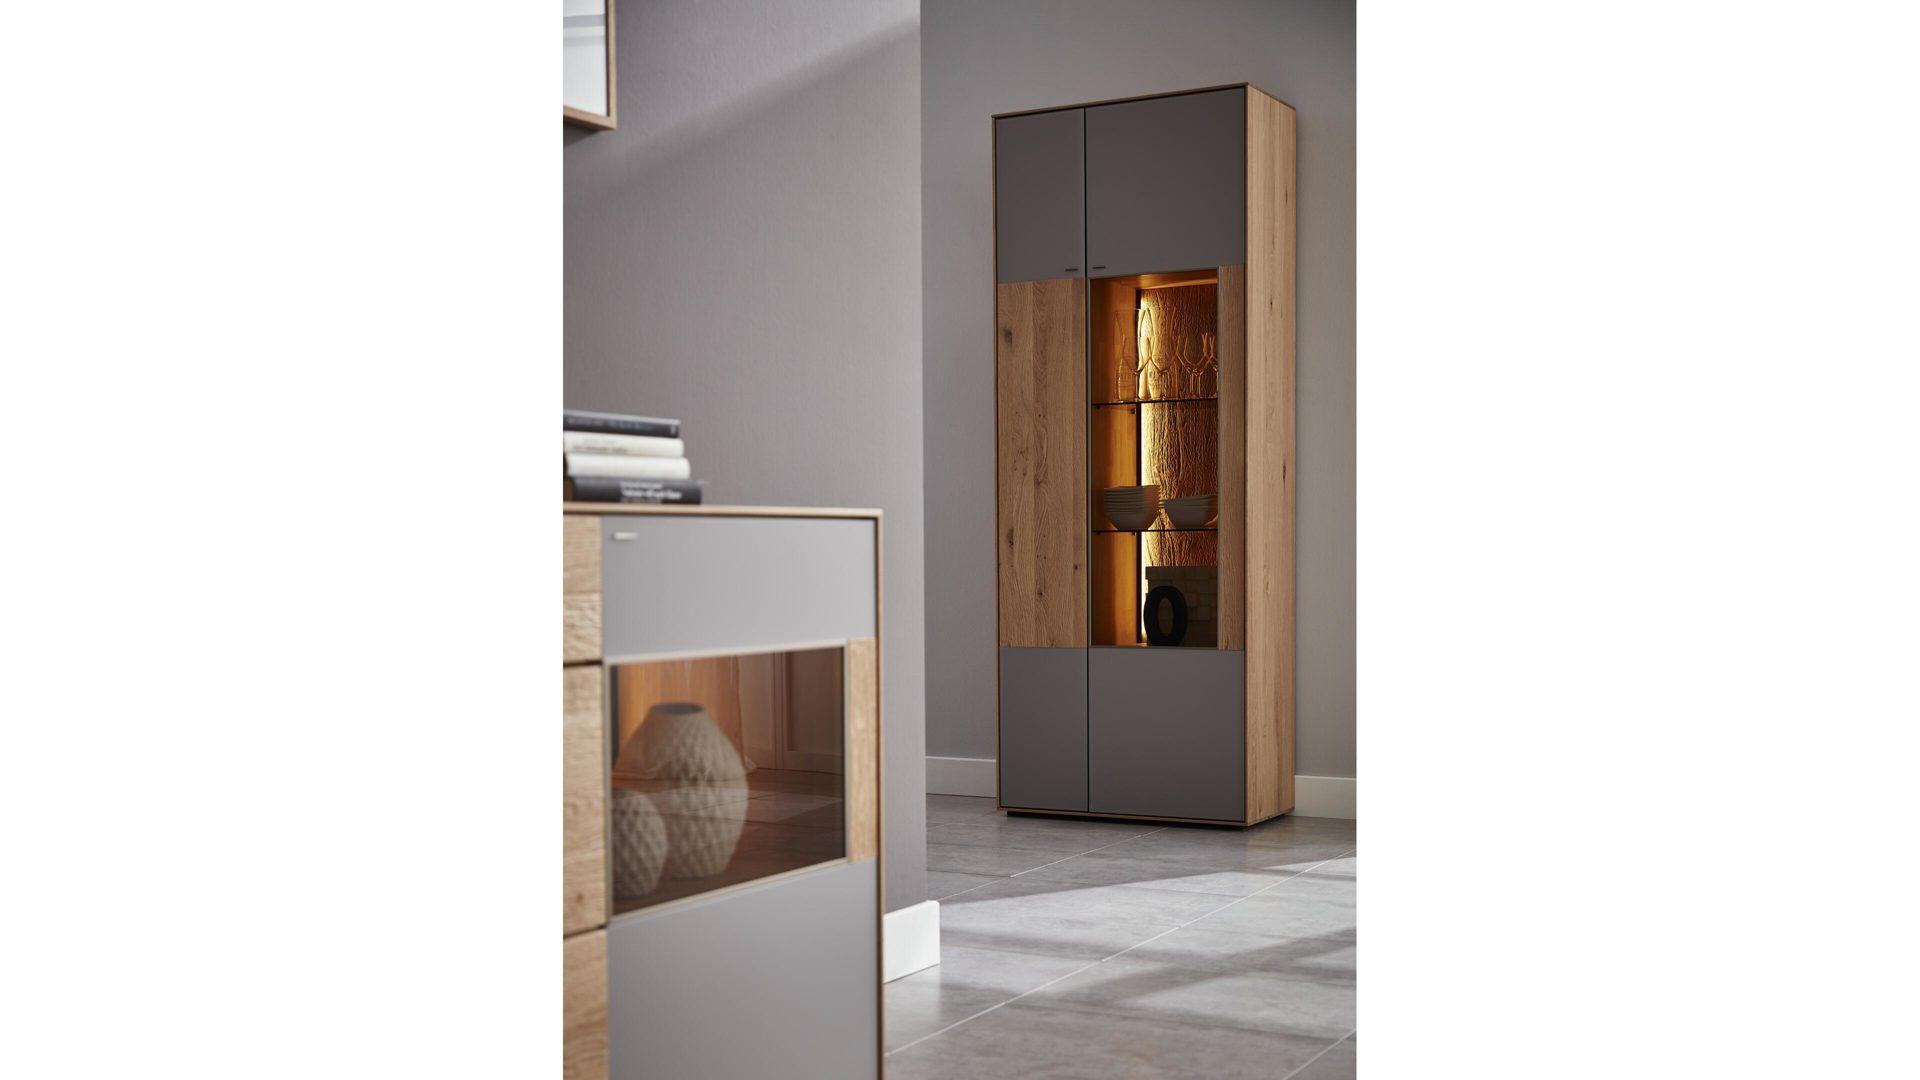 vitrine hartmann il aus glas holz in holzfarben interliving wohnzimmer serie 2001 standelement geburstete